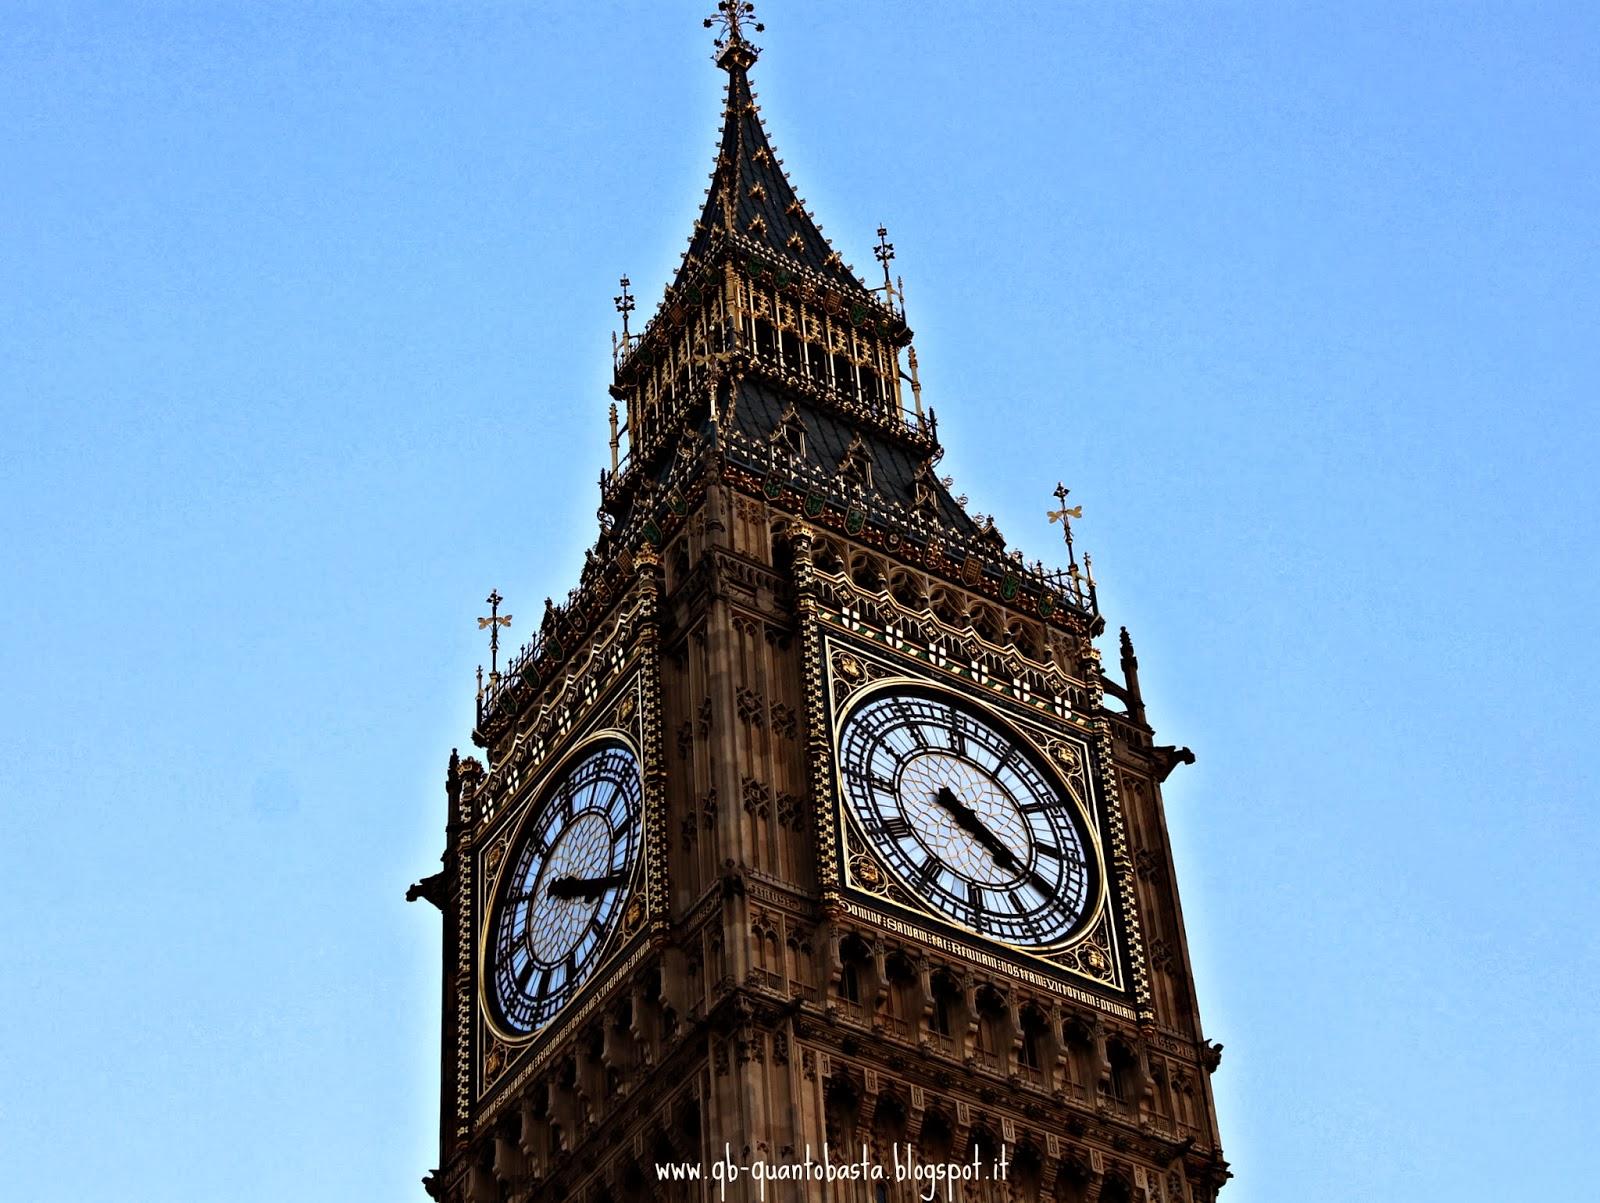 www.qb-quantobasta.blogspot.it - Londra